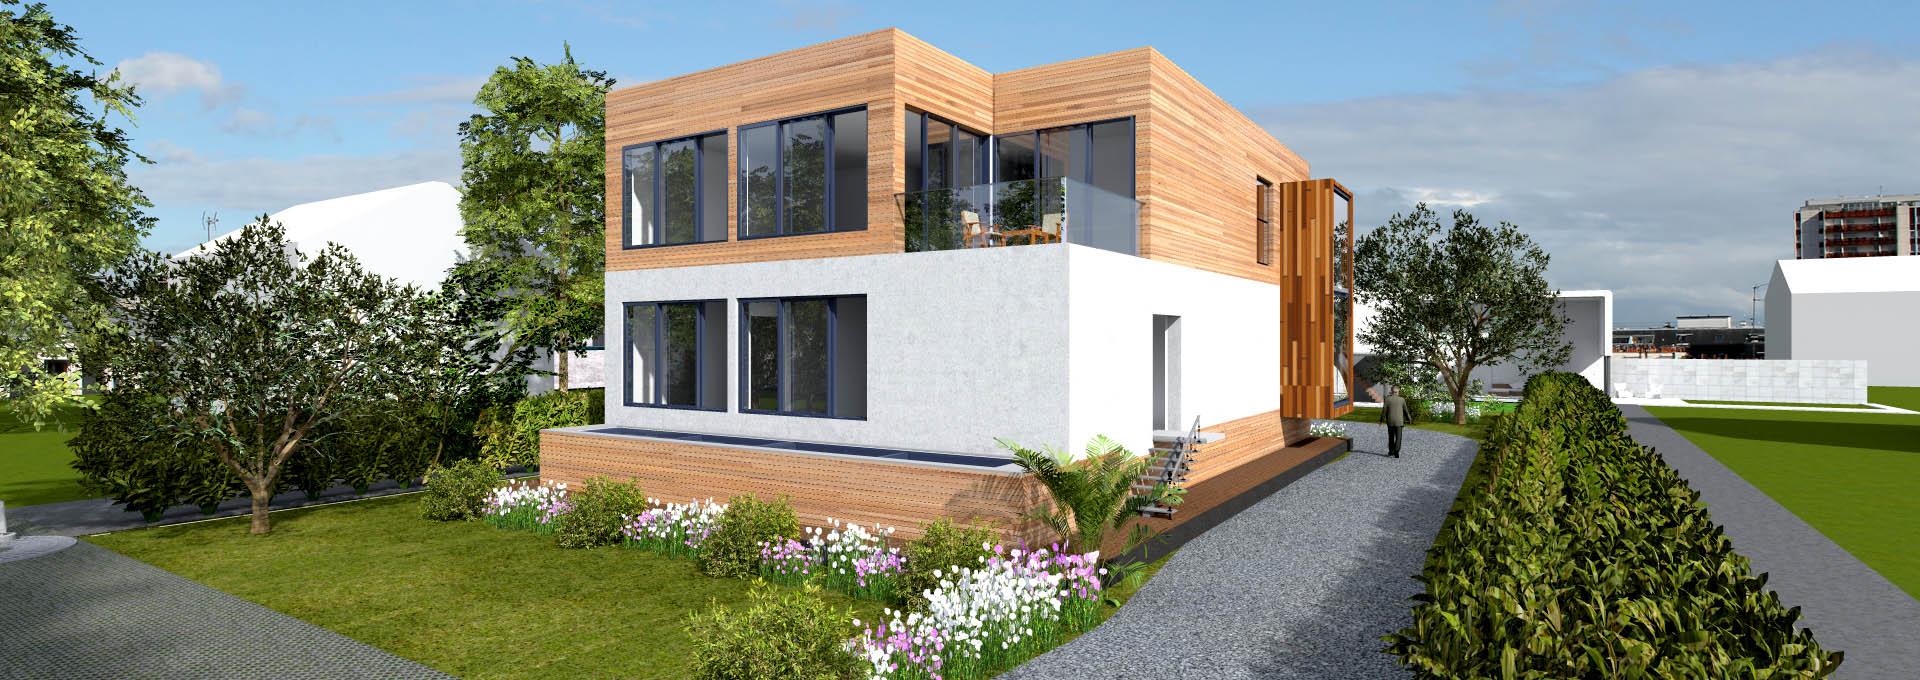 habitation contemporaine sous sol semi enterr architecte. Black Bedroom Furniture Sets. Home Design Ideas